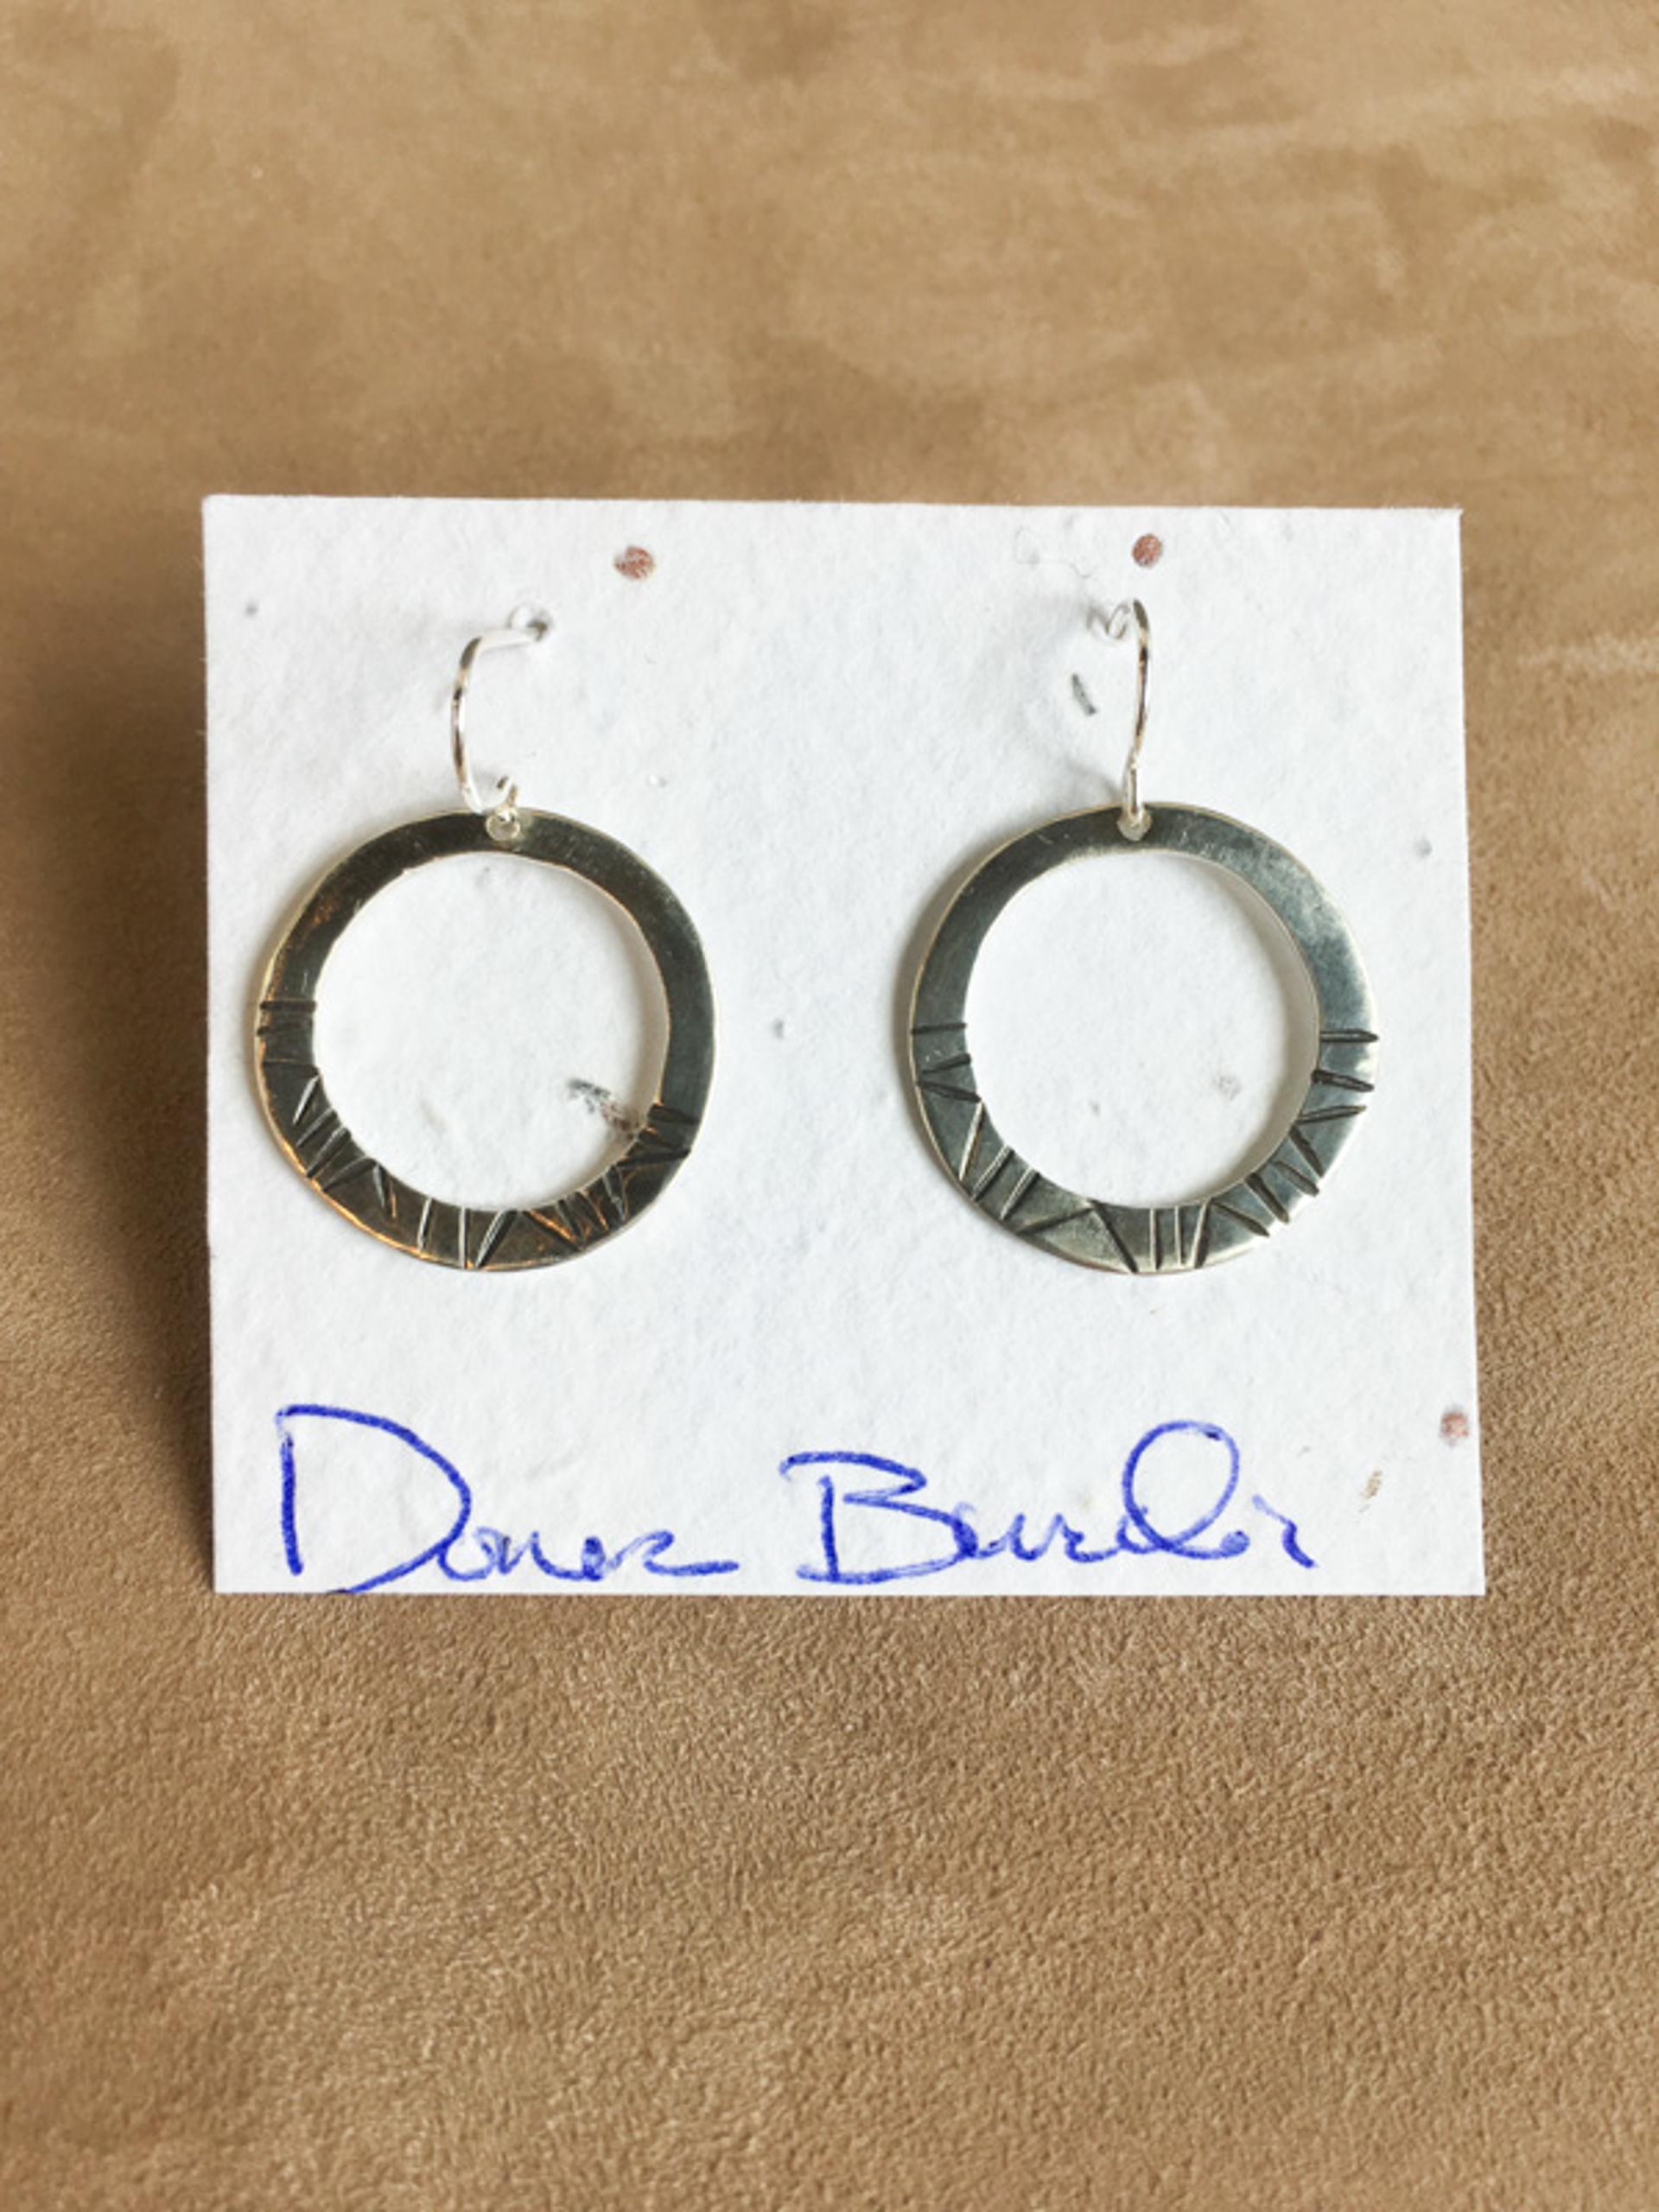 1386-1 Earrings by Donna Burdic